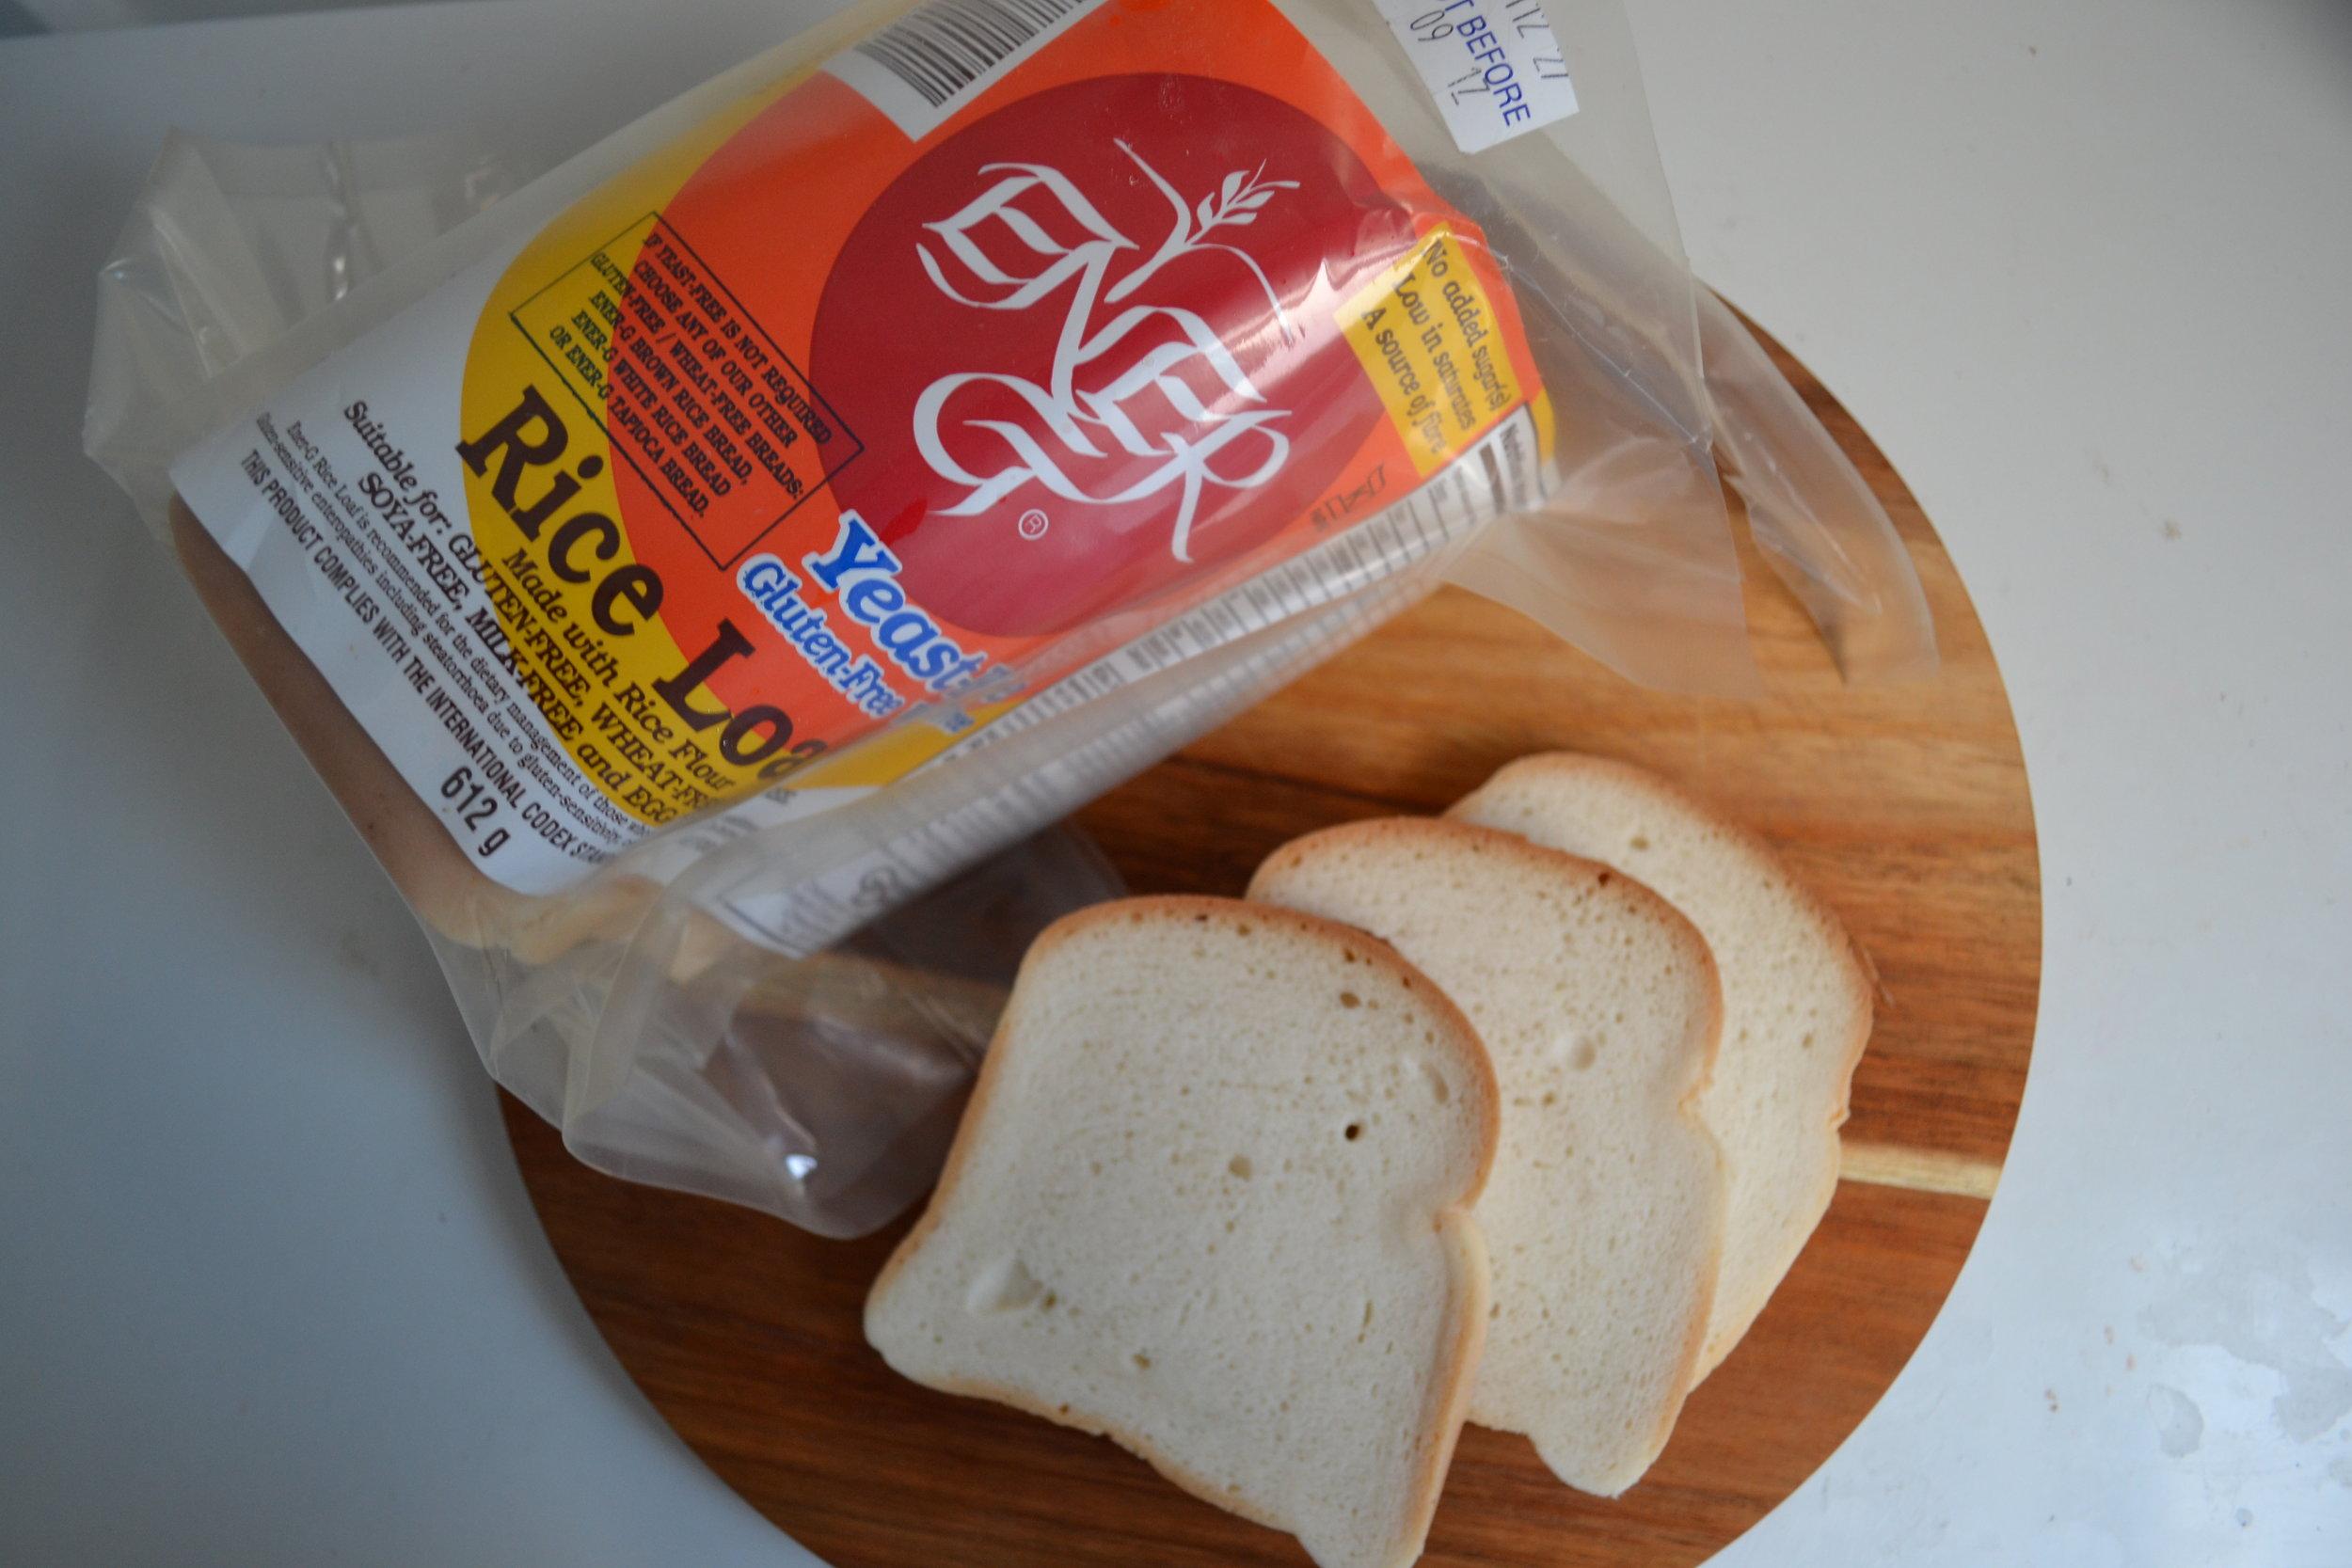 No. 9 Ener-G White Rice Loaf